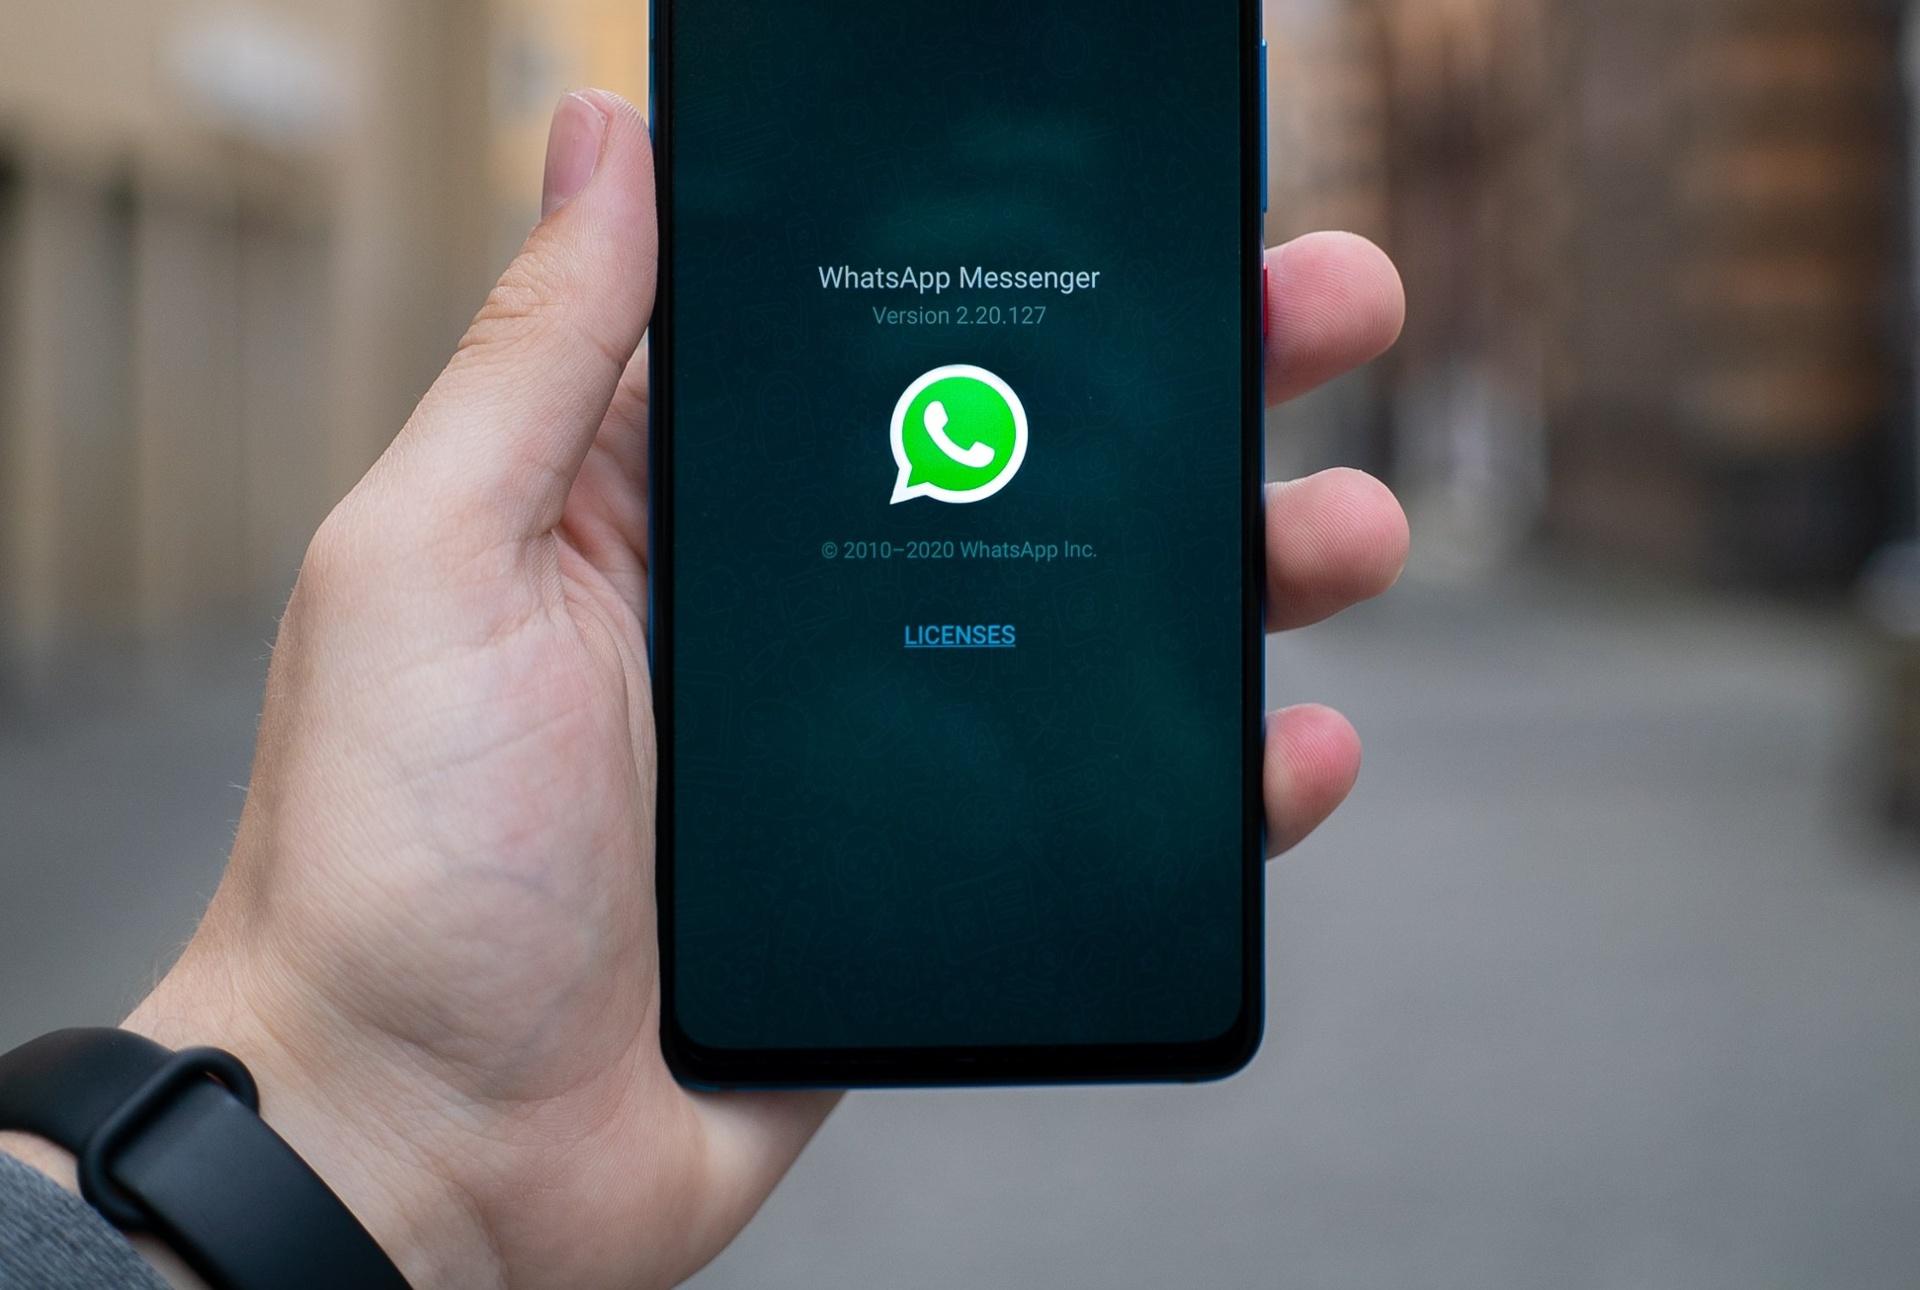 WhatsApp erweitert die Möglichkeiten, Kunden proaktiv Nachrichten zu senden_cmm360_Photo by Mika Baumeister on Unsplash